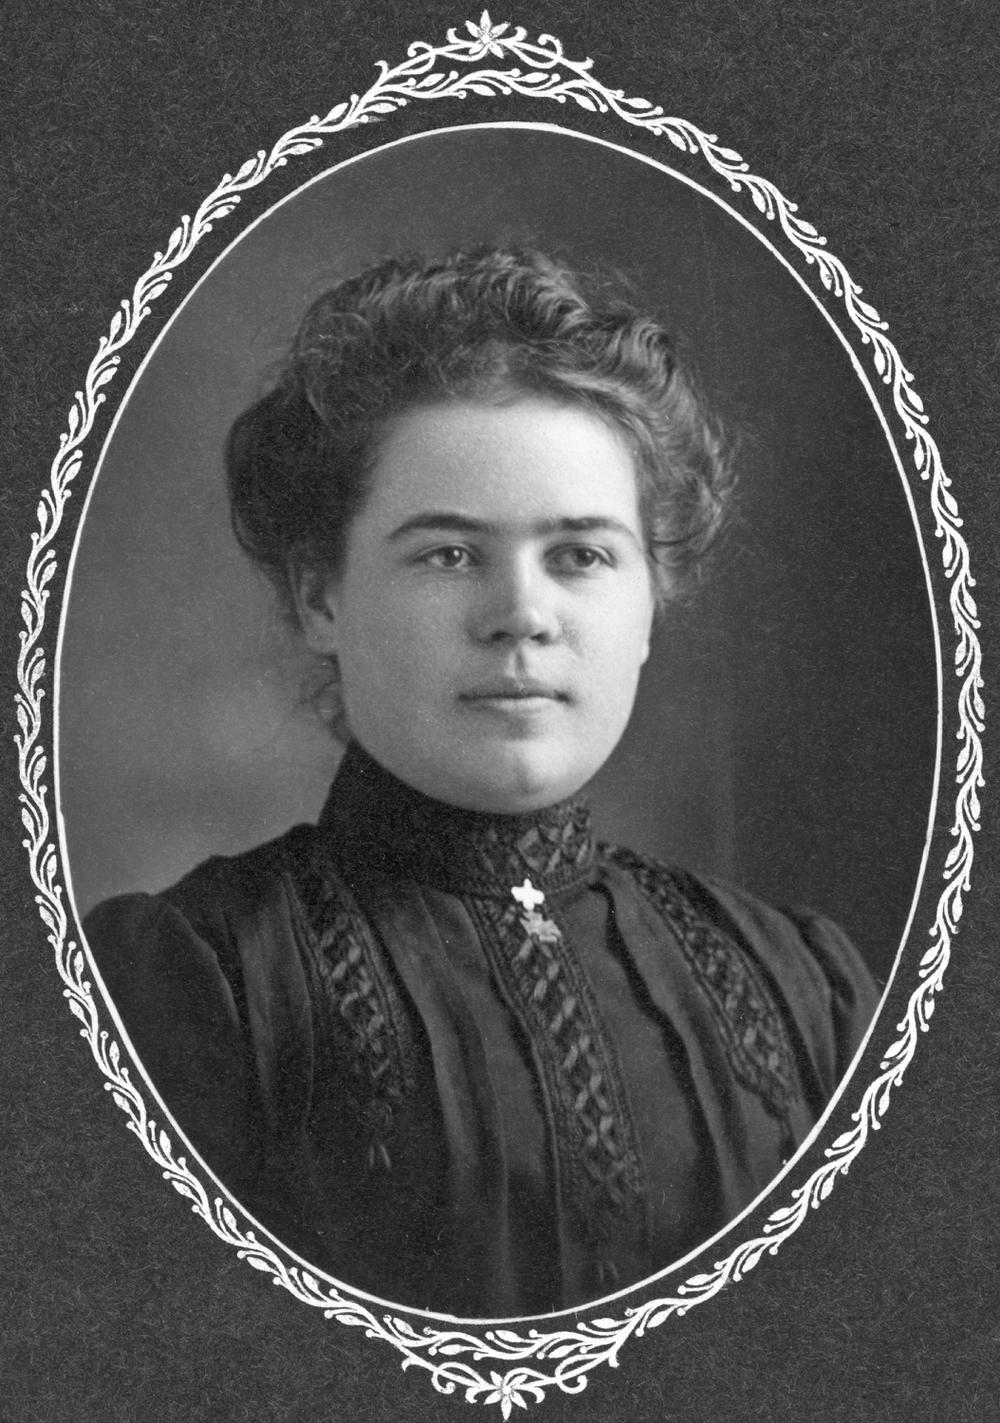 Corina Amador, circa 1905-1910